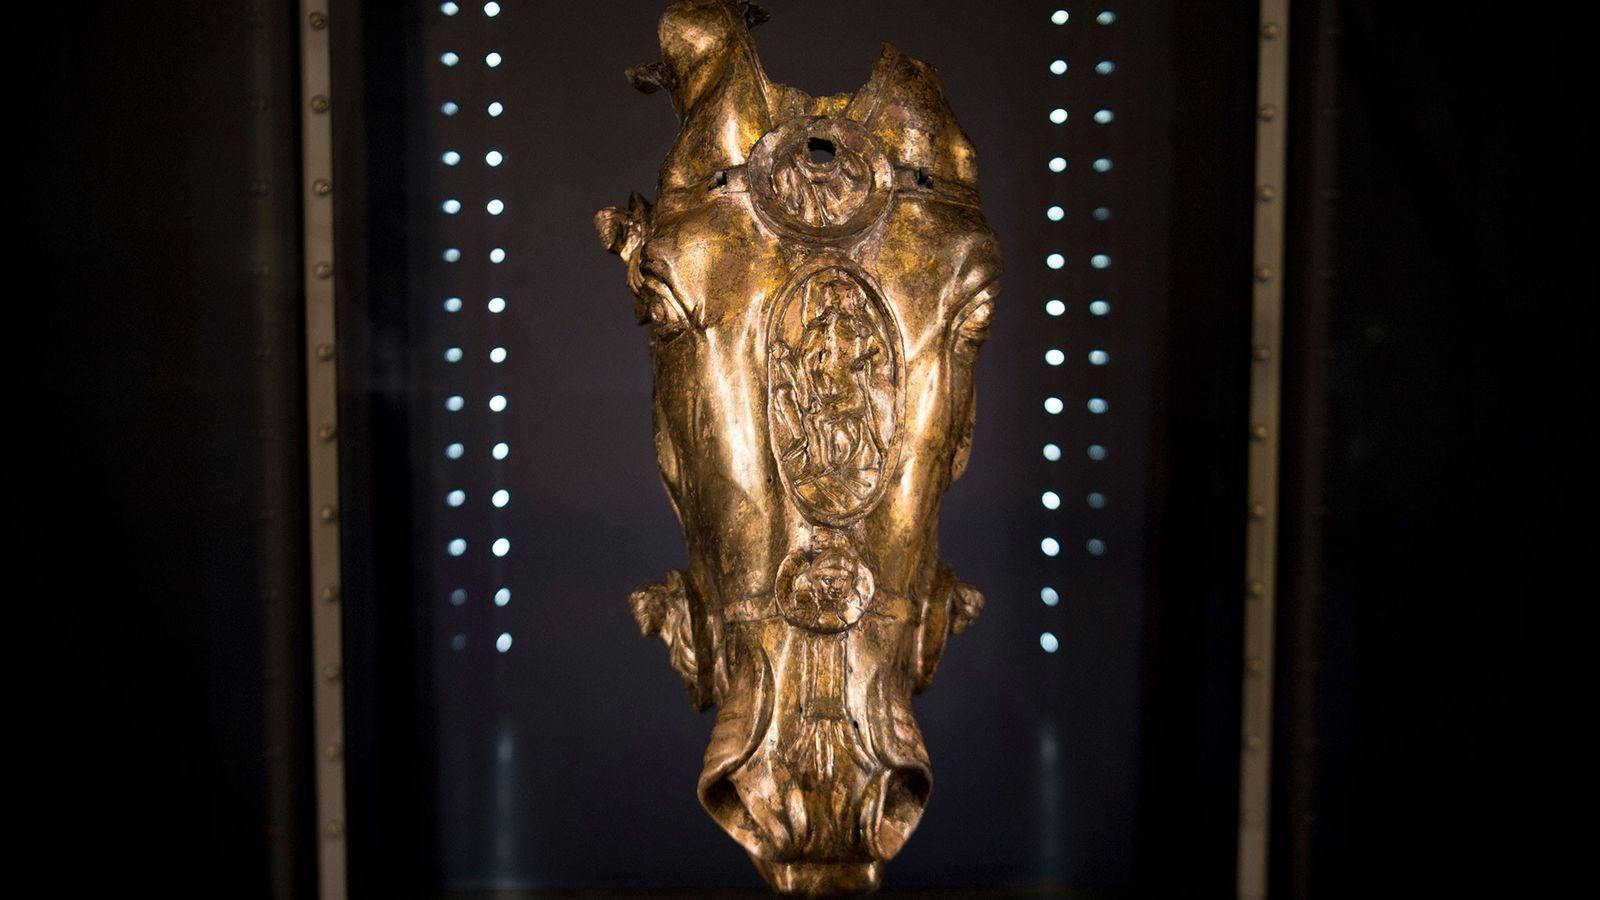 Esta cabeça de cavalo dourada, atualmente exposta na Alemanha, é provavelmente um pedaço de uma estátua ...